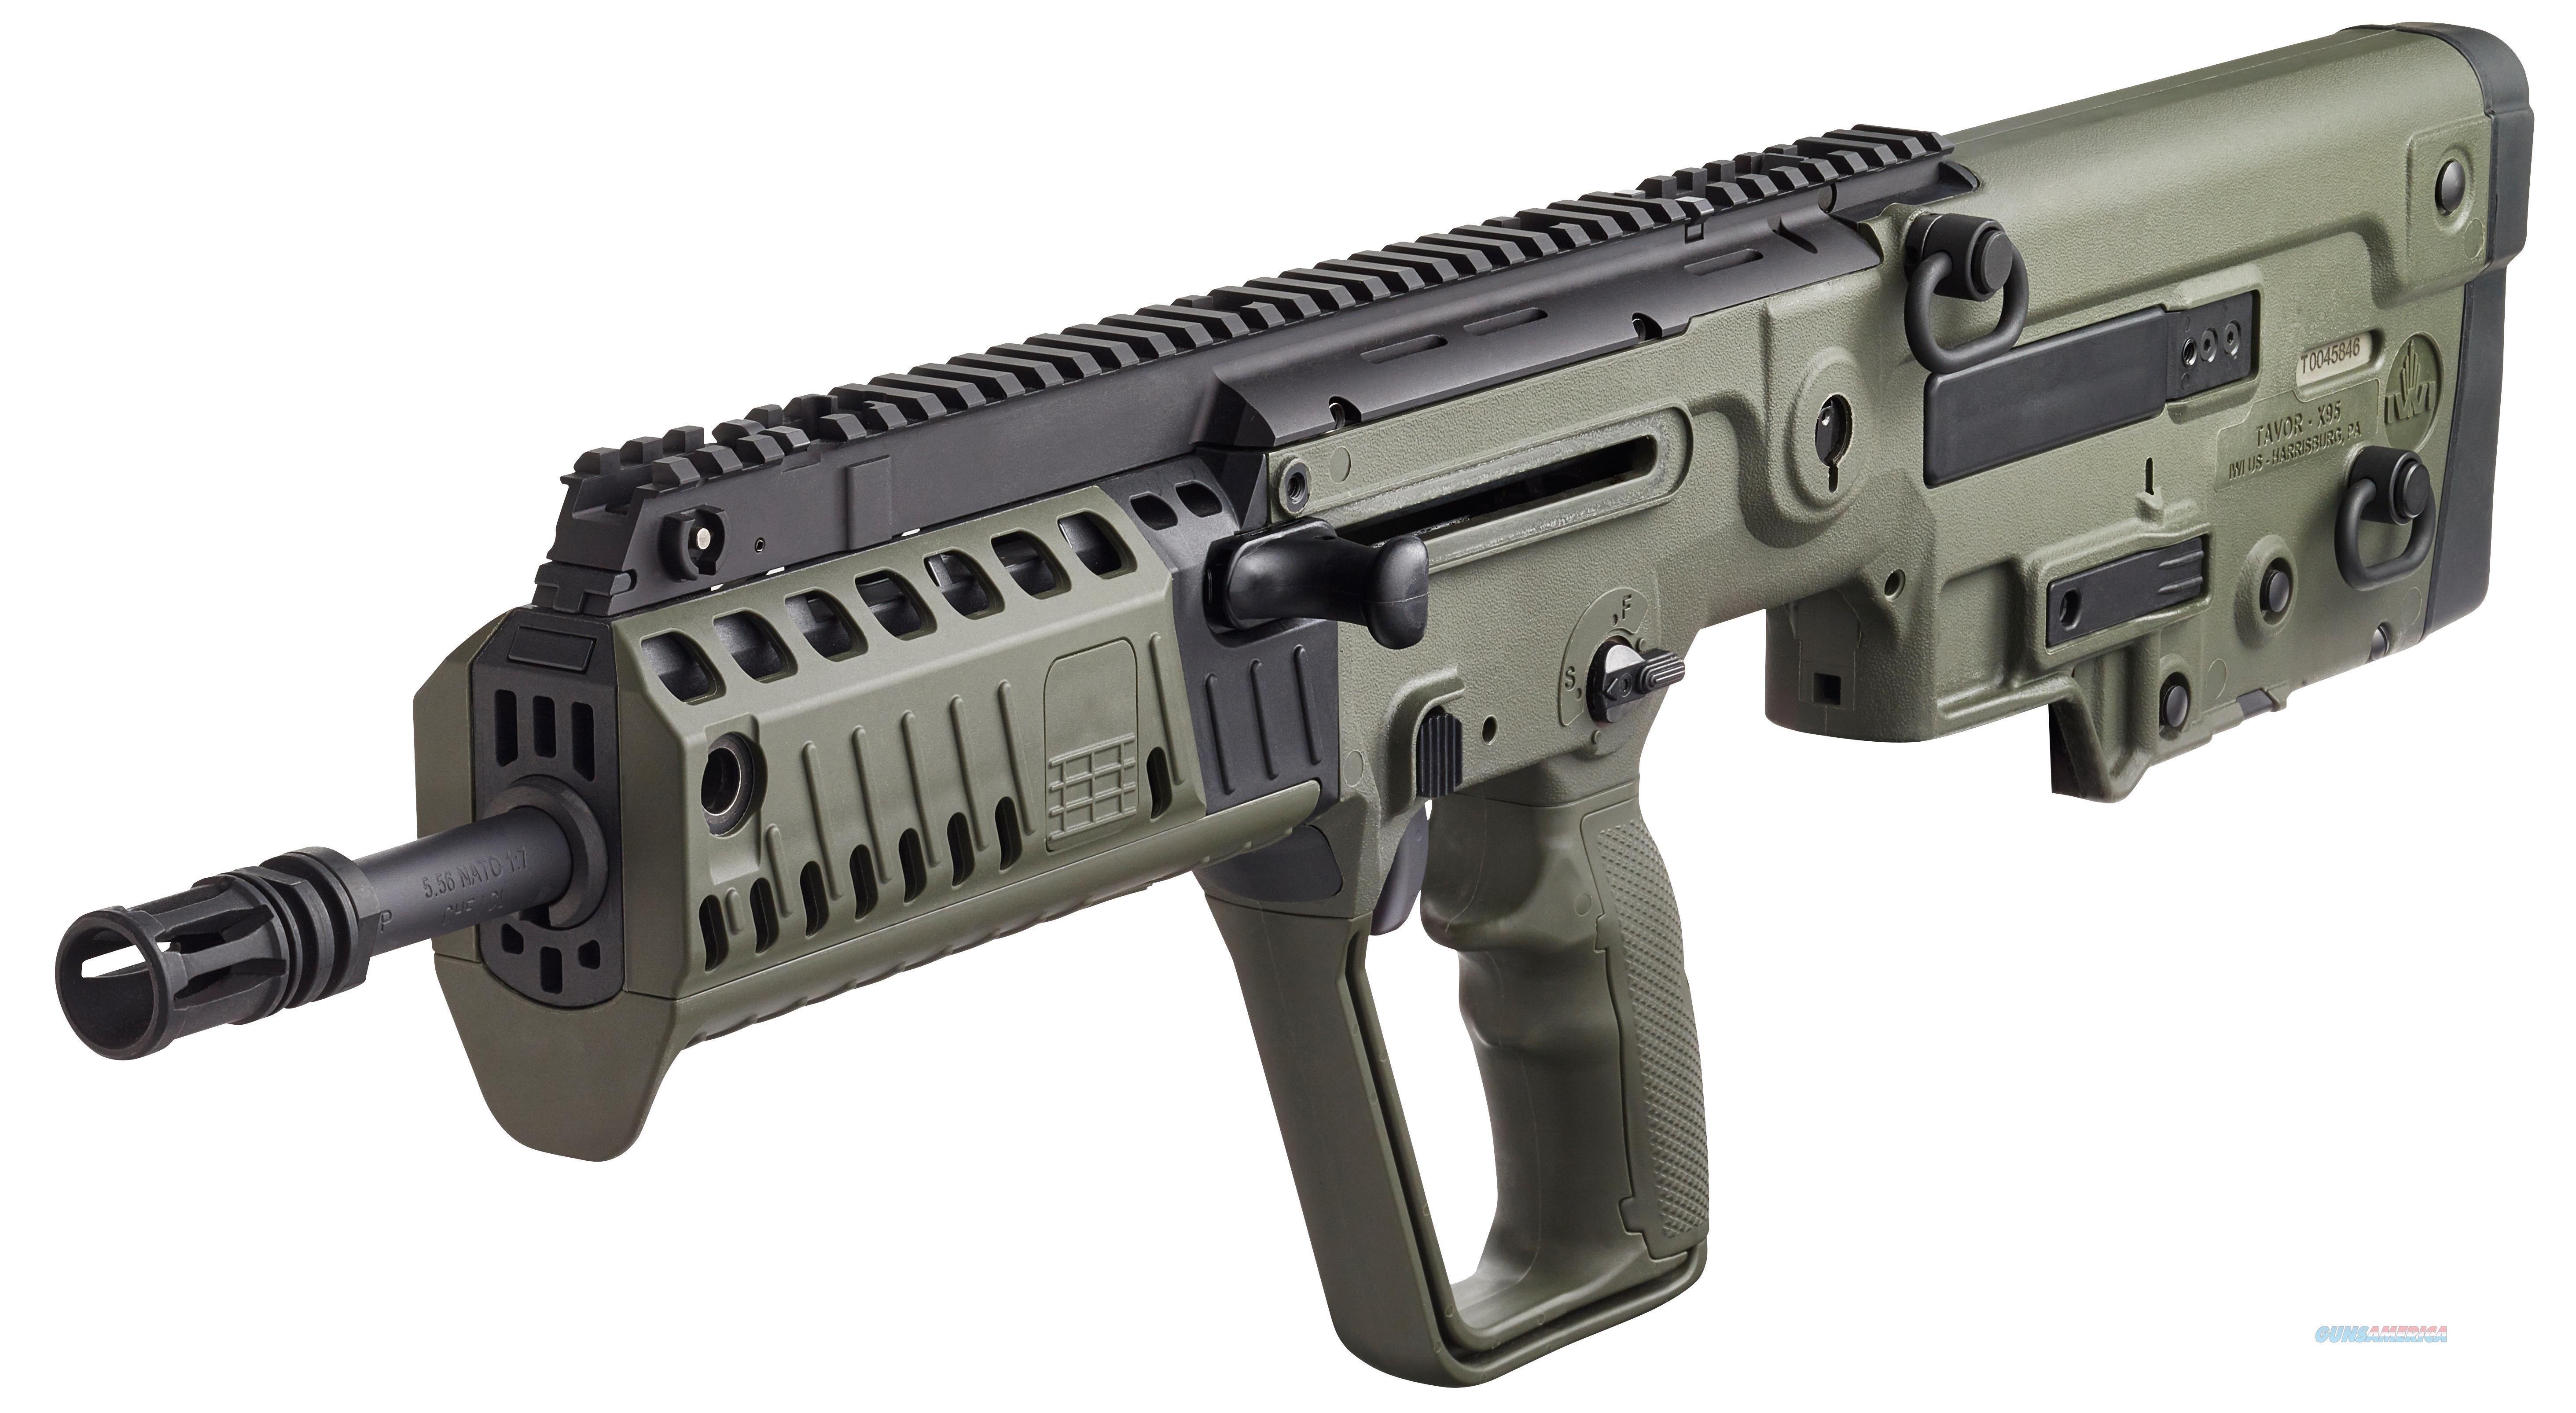 """Iwi Us Xg18 Tavor X95 Semi-Automatic 223 Remington/5.56 Nato 18.5"""" 30+1 Polymer Bullpup Od Green Stk Black XG18  Guns > Rifles > IJ Misc Rifles"""